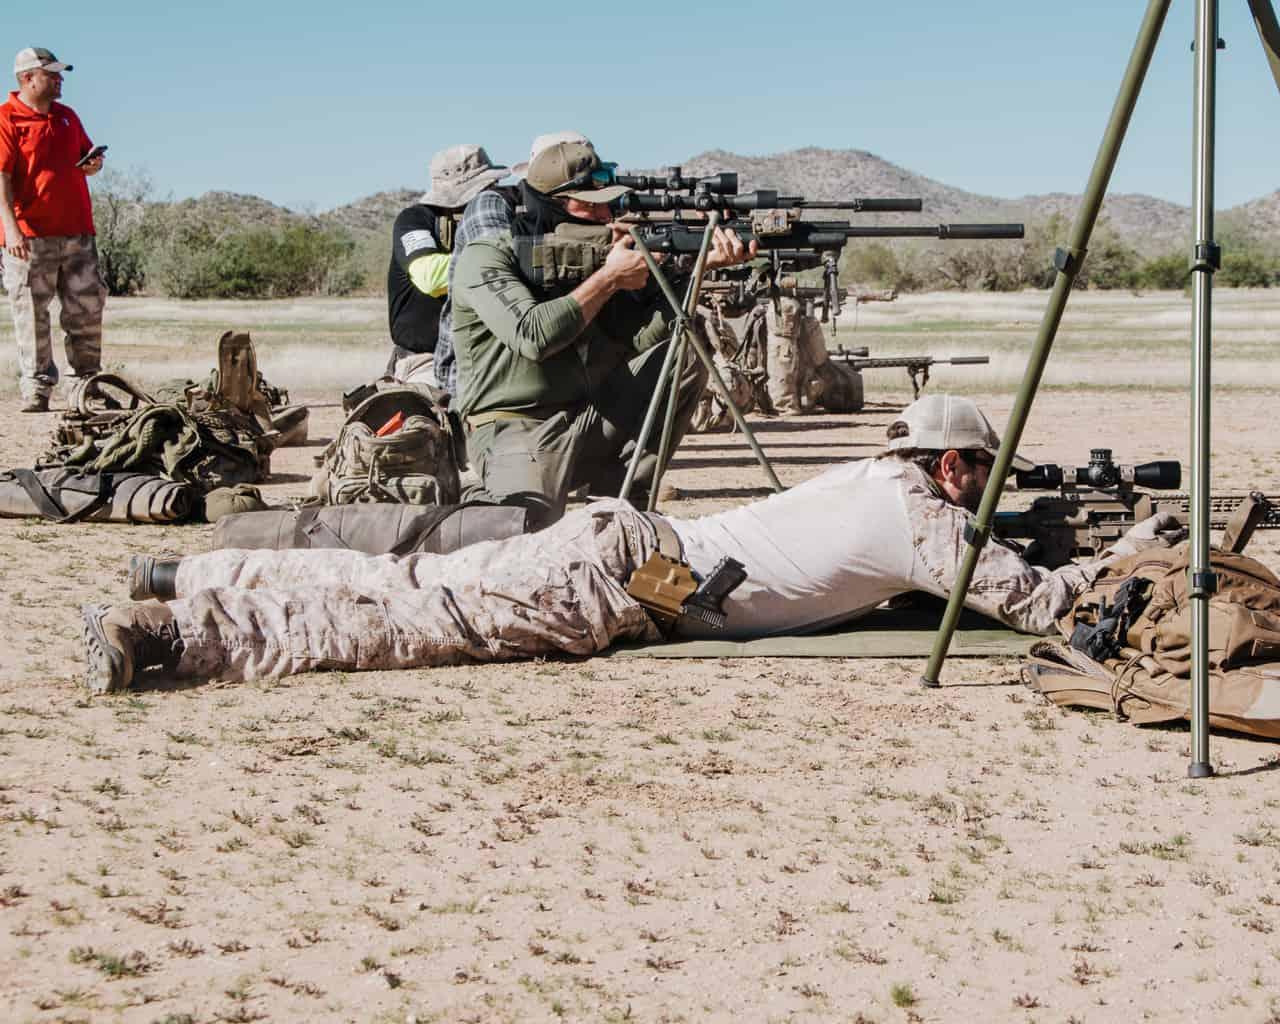 advanced-rural-sniper-course-3